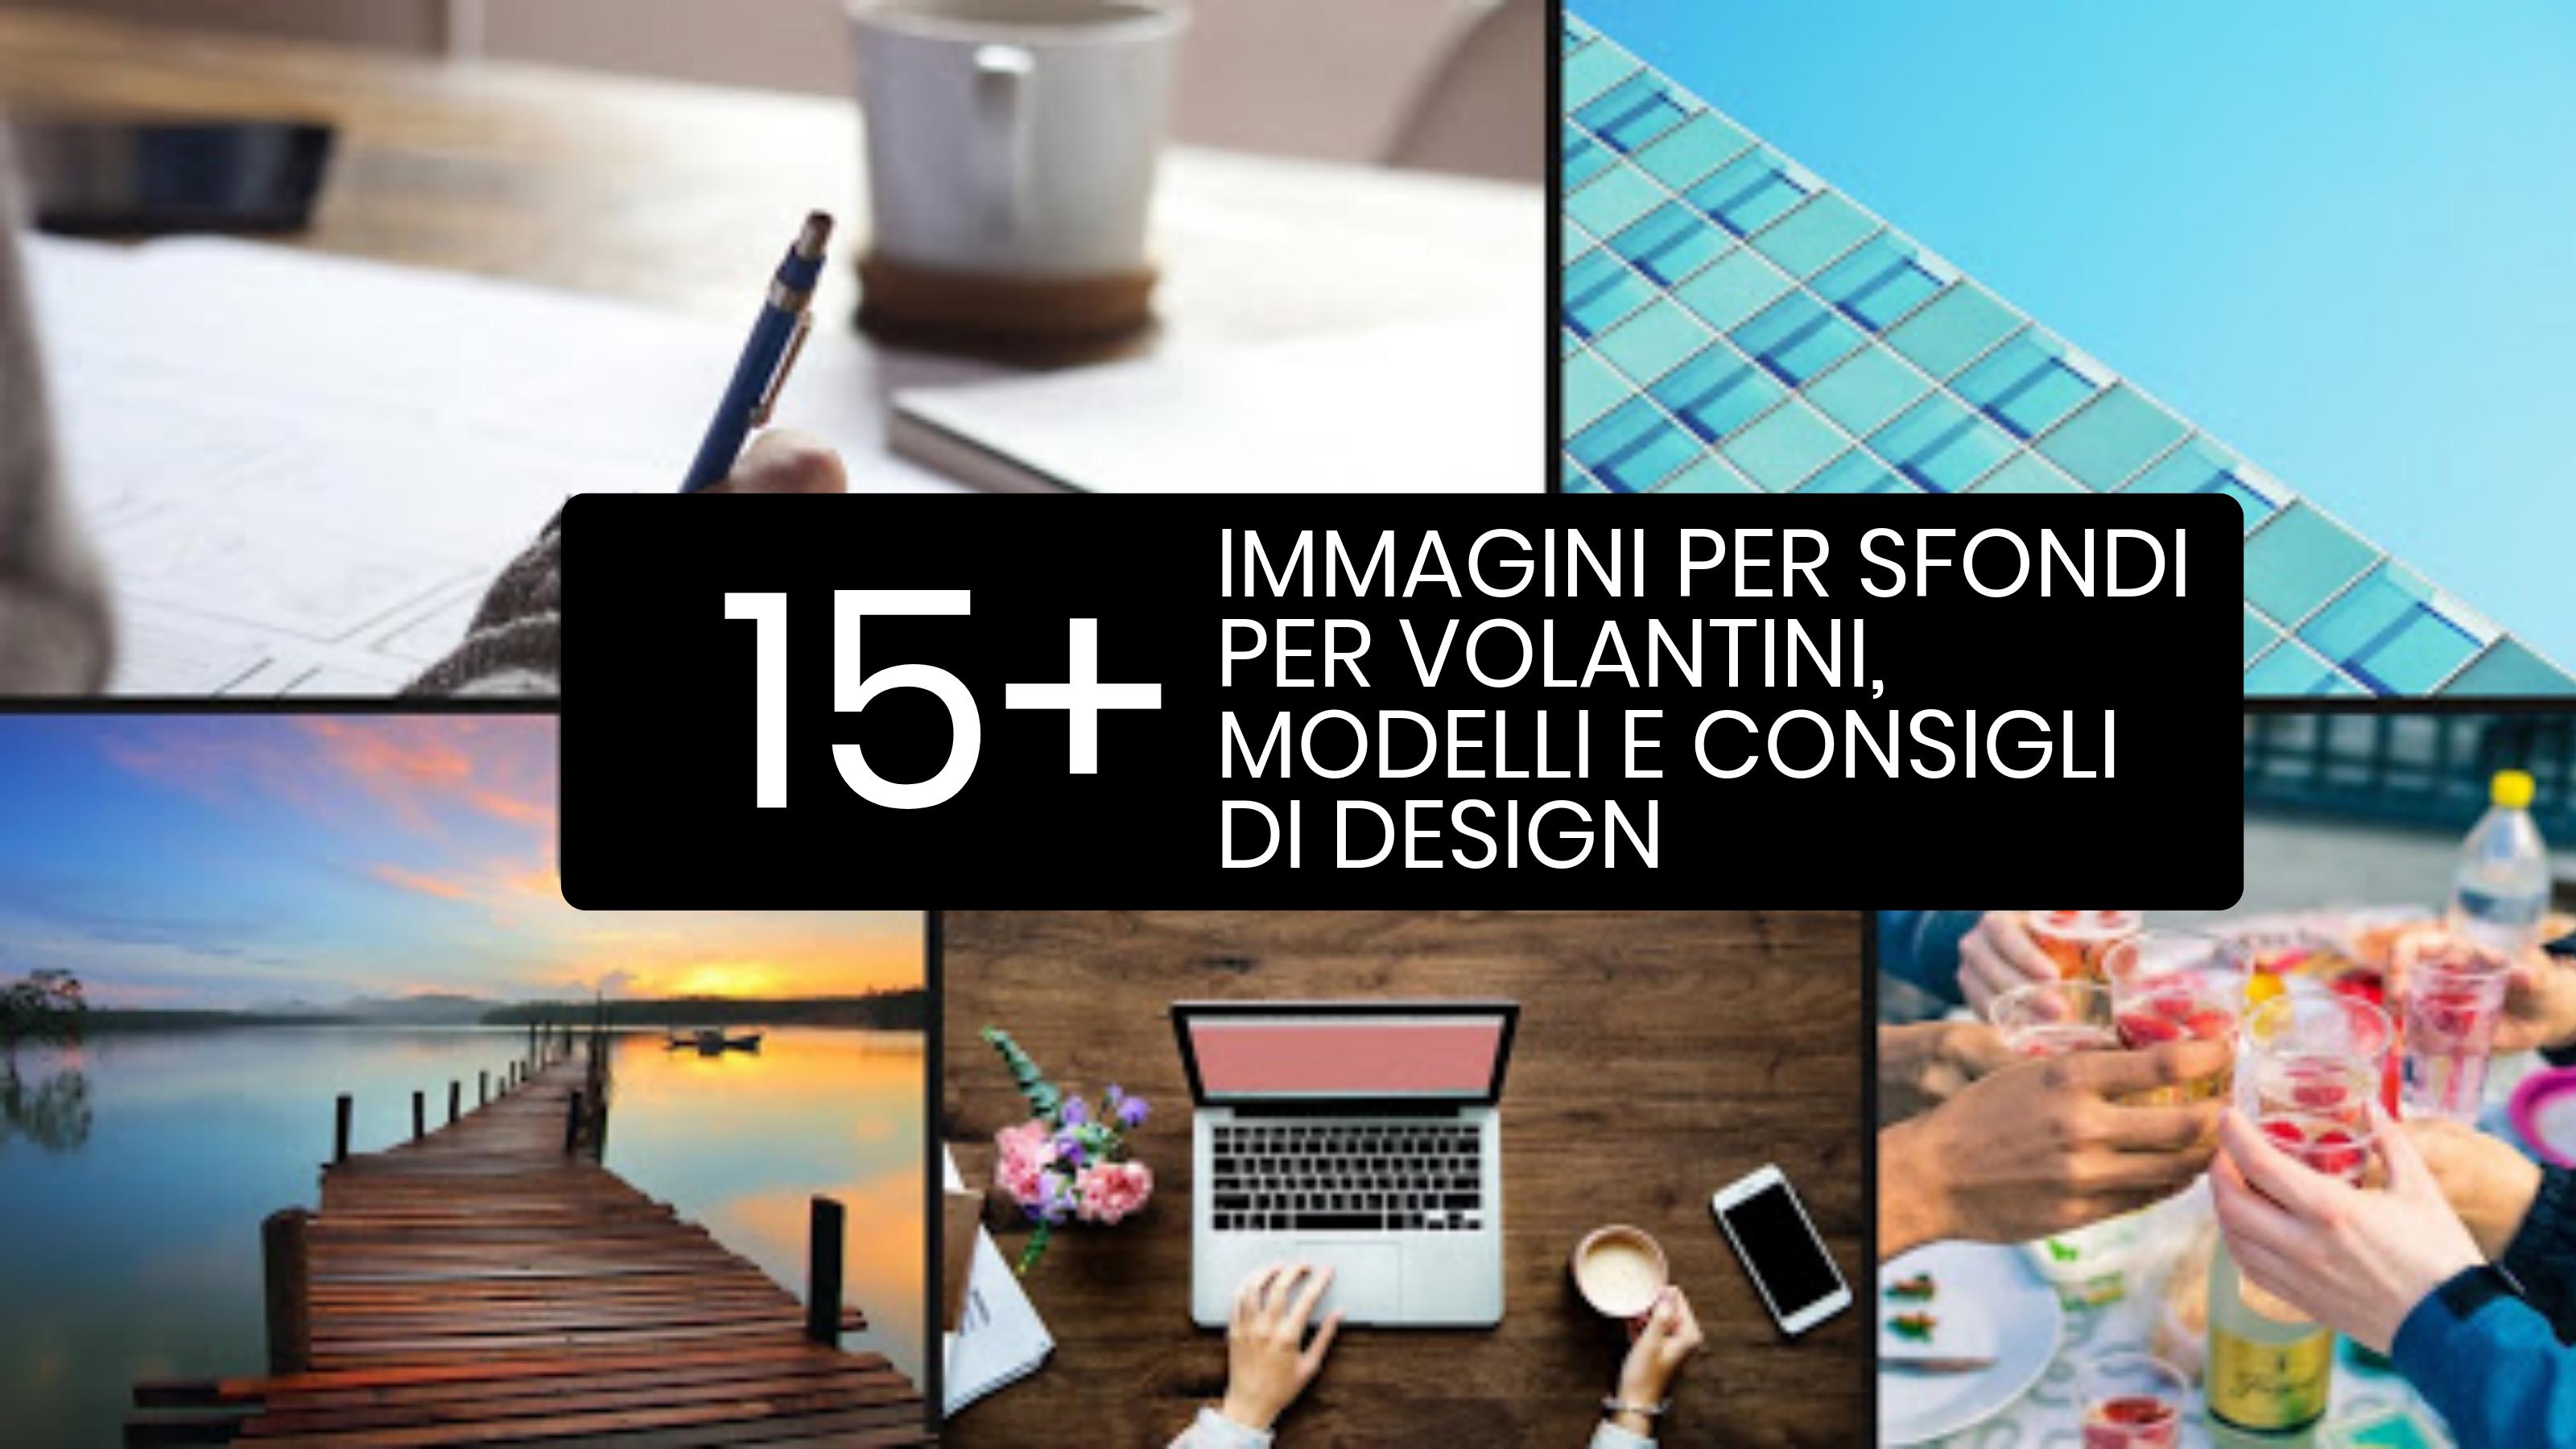 15 Immagini, modelli e consigli di design per sfondi per volantini versatili